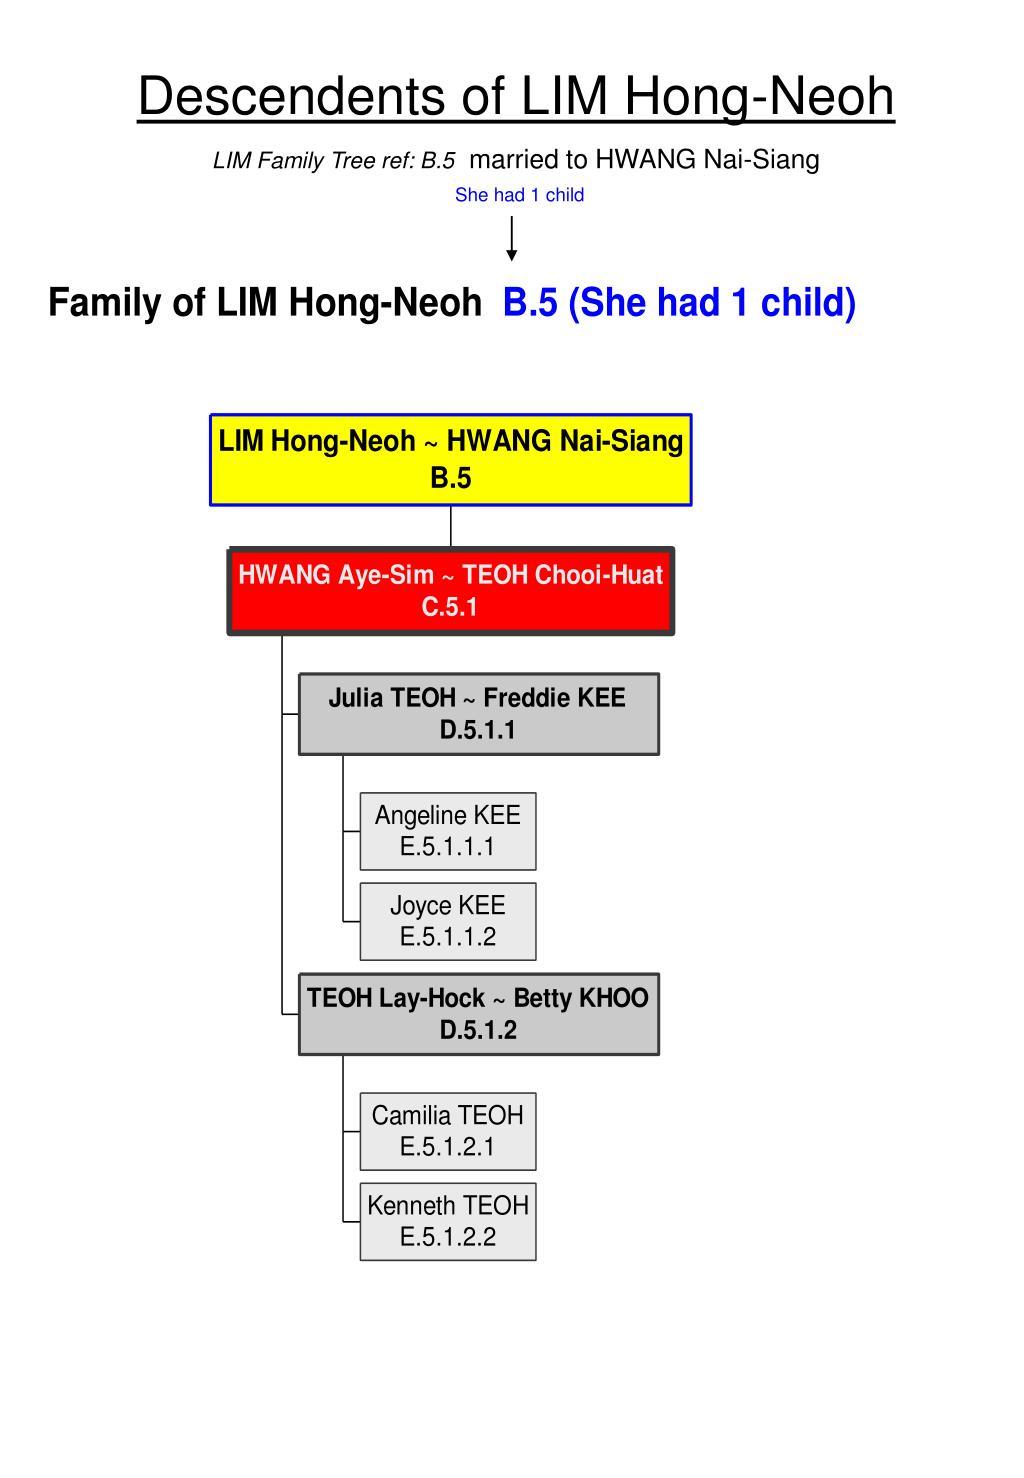 Descendents Of Lim Hong Neoh Family Tree Ref B 5 Married To Hwang Nai Siang